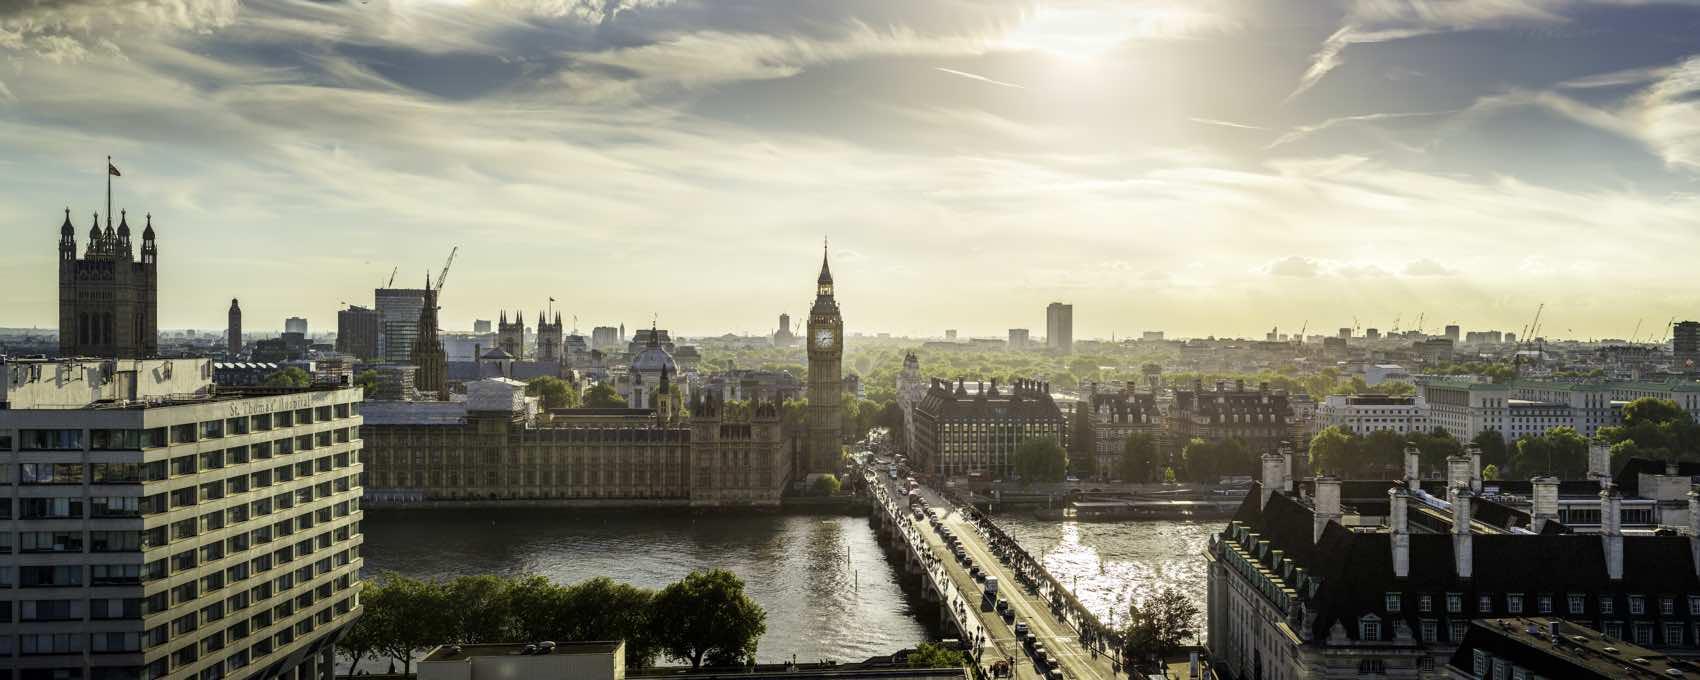 Westminster with Big Ben